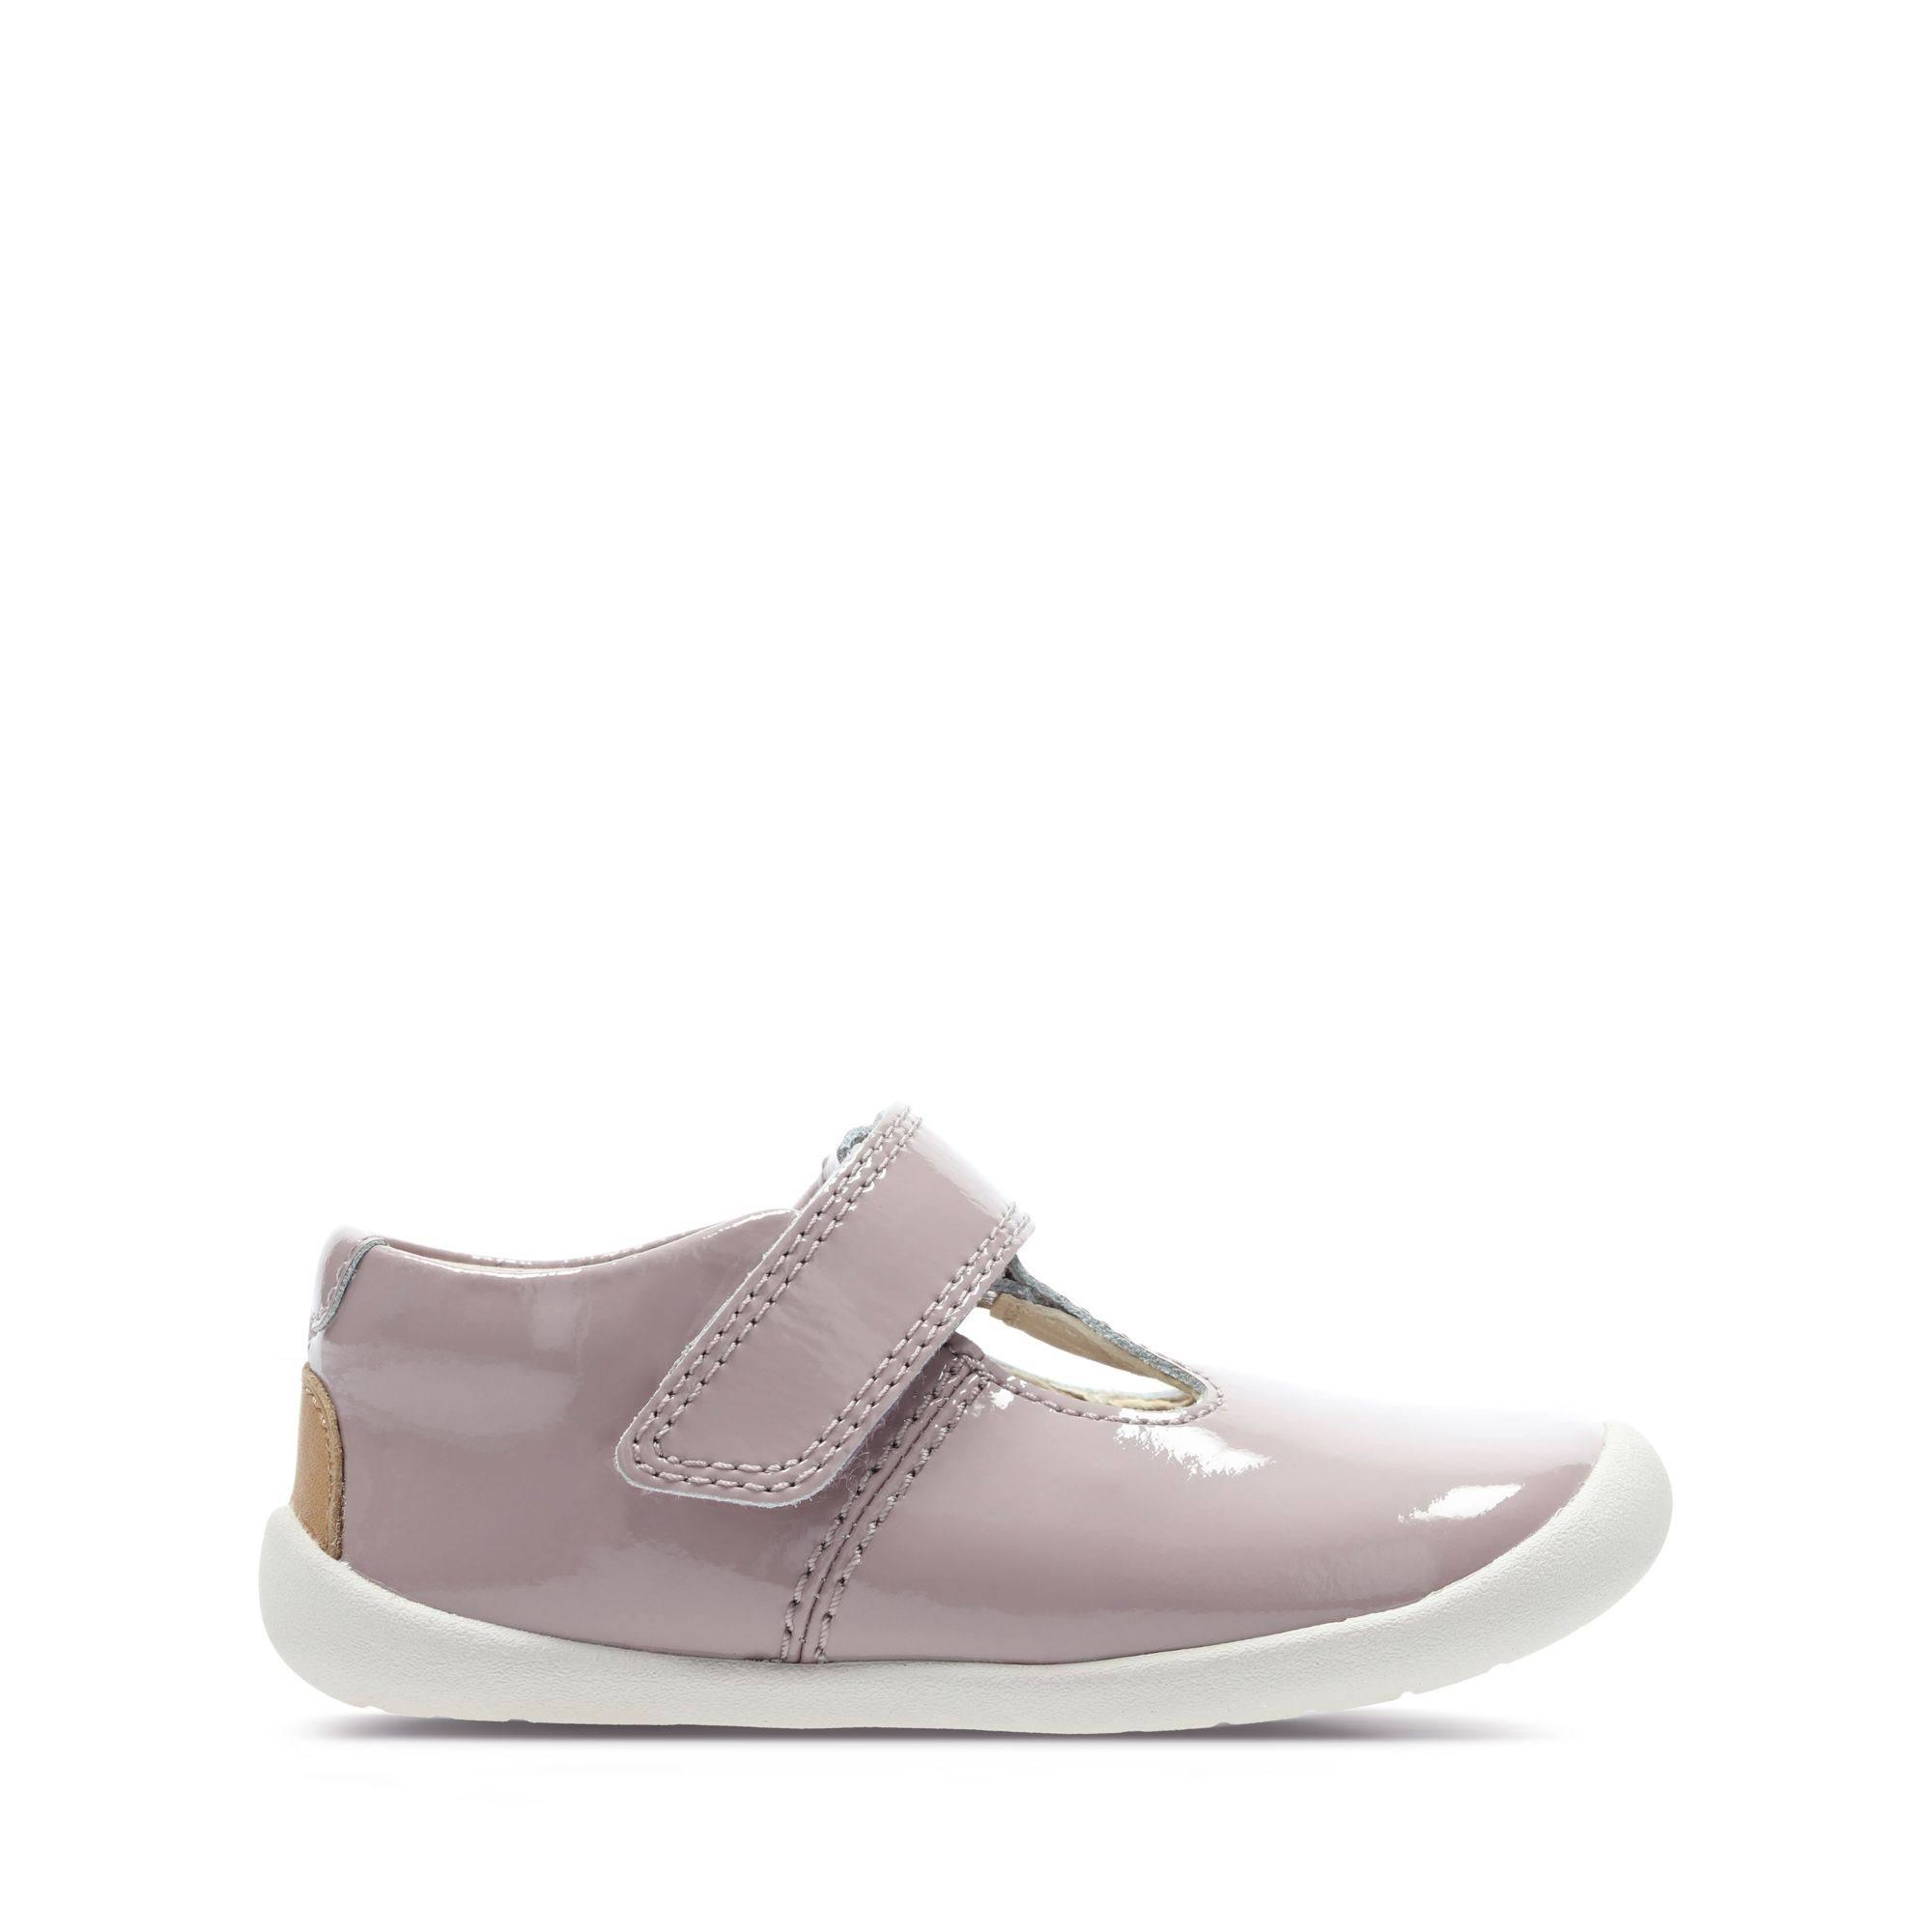 26135834 Roamer Pink Clarks Go Patent pGqzjLSVUM